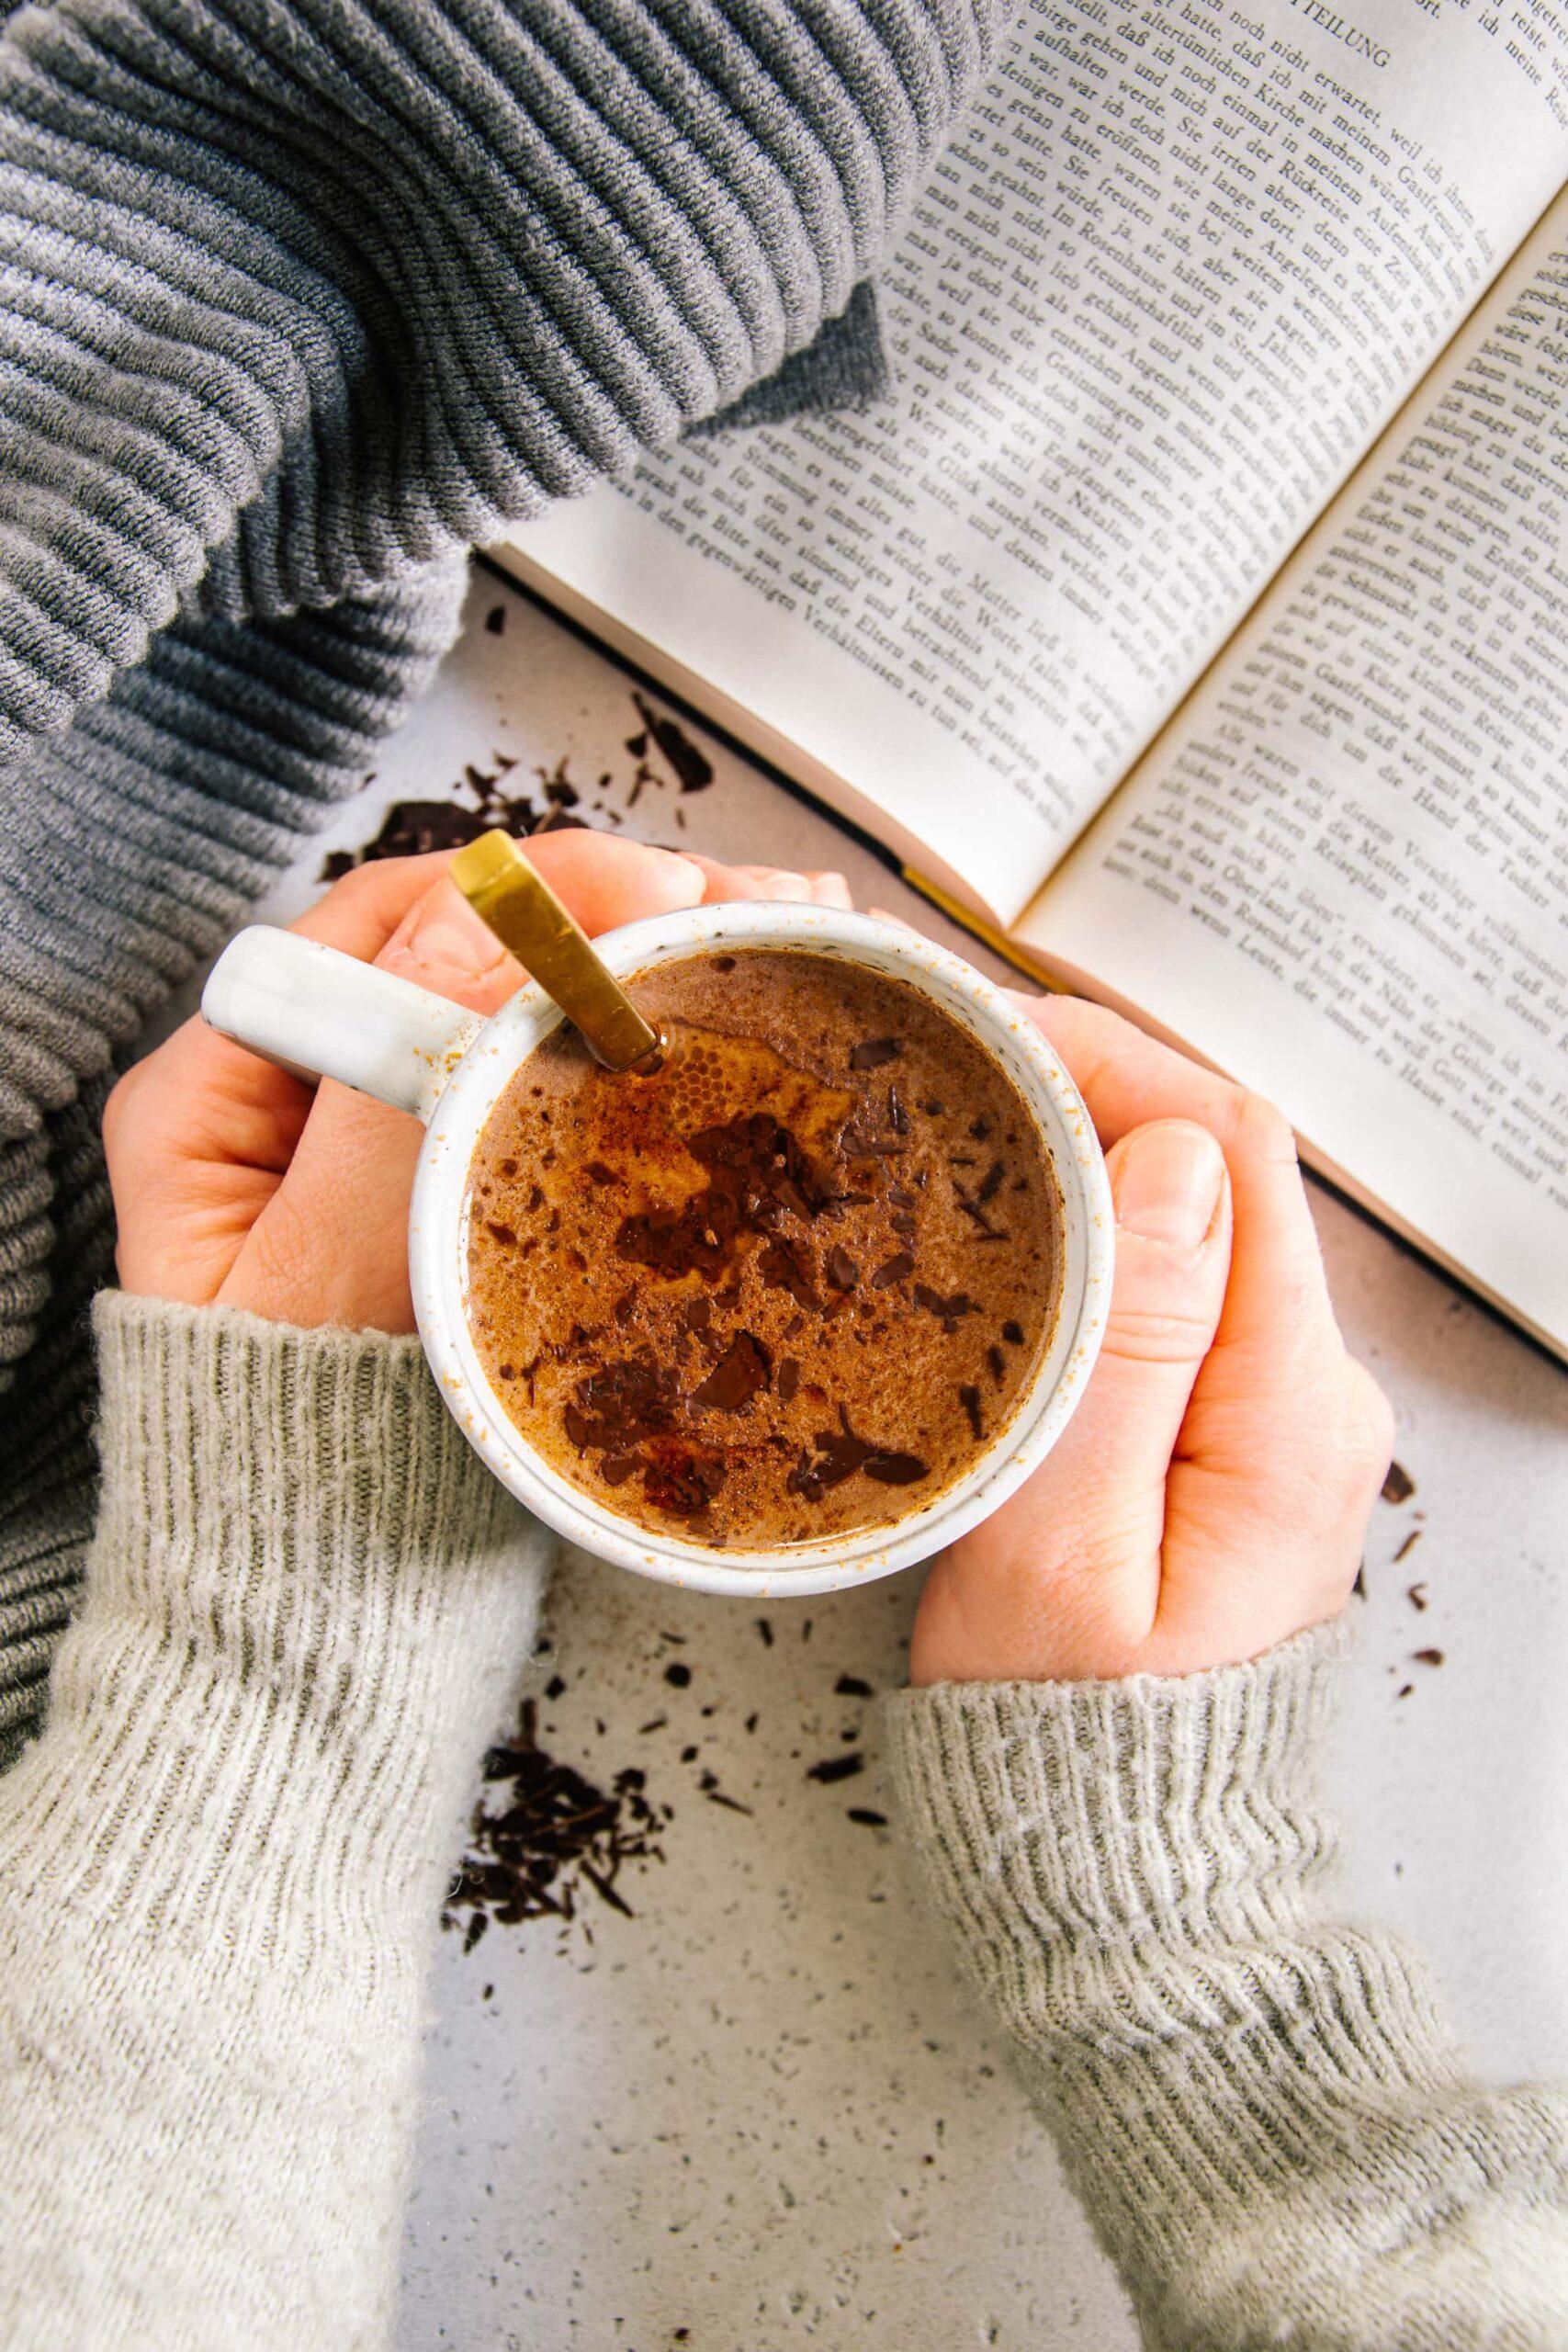 Zwei Hände umschließen eine Tasse Kakao. Aufnahme von oben mit aufgeschlagenem Buch daneben. Warme Farben und hyggeliger Stil.